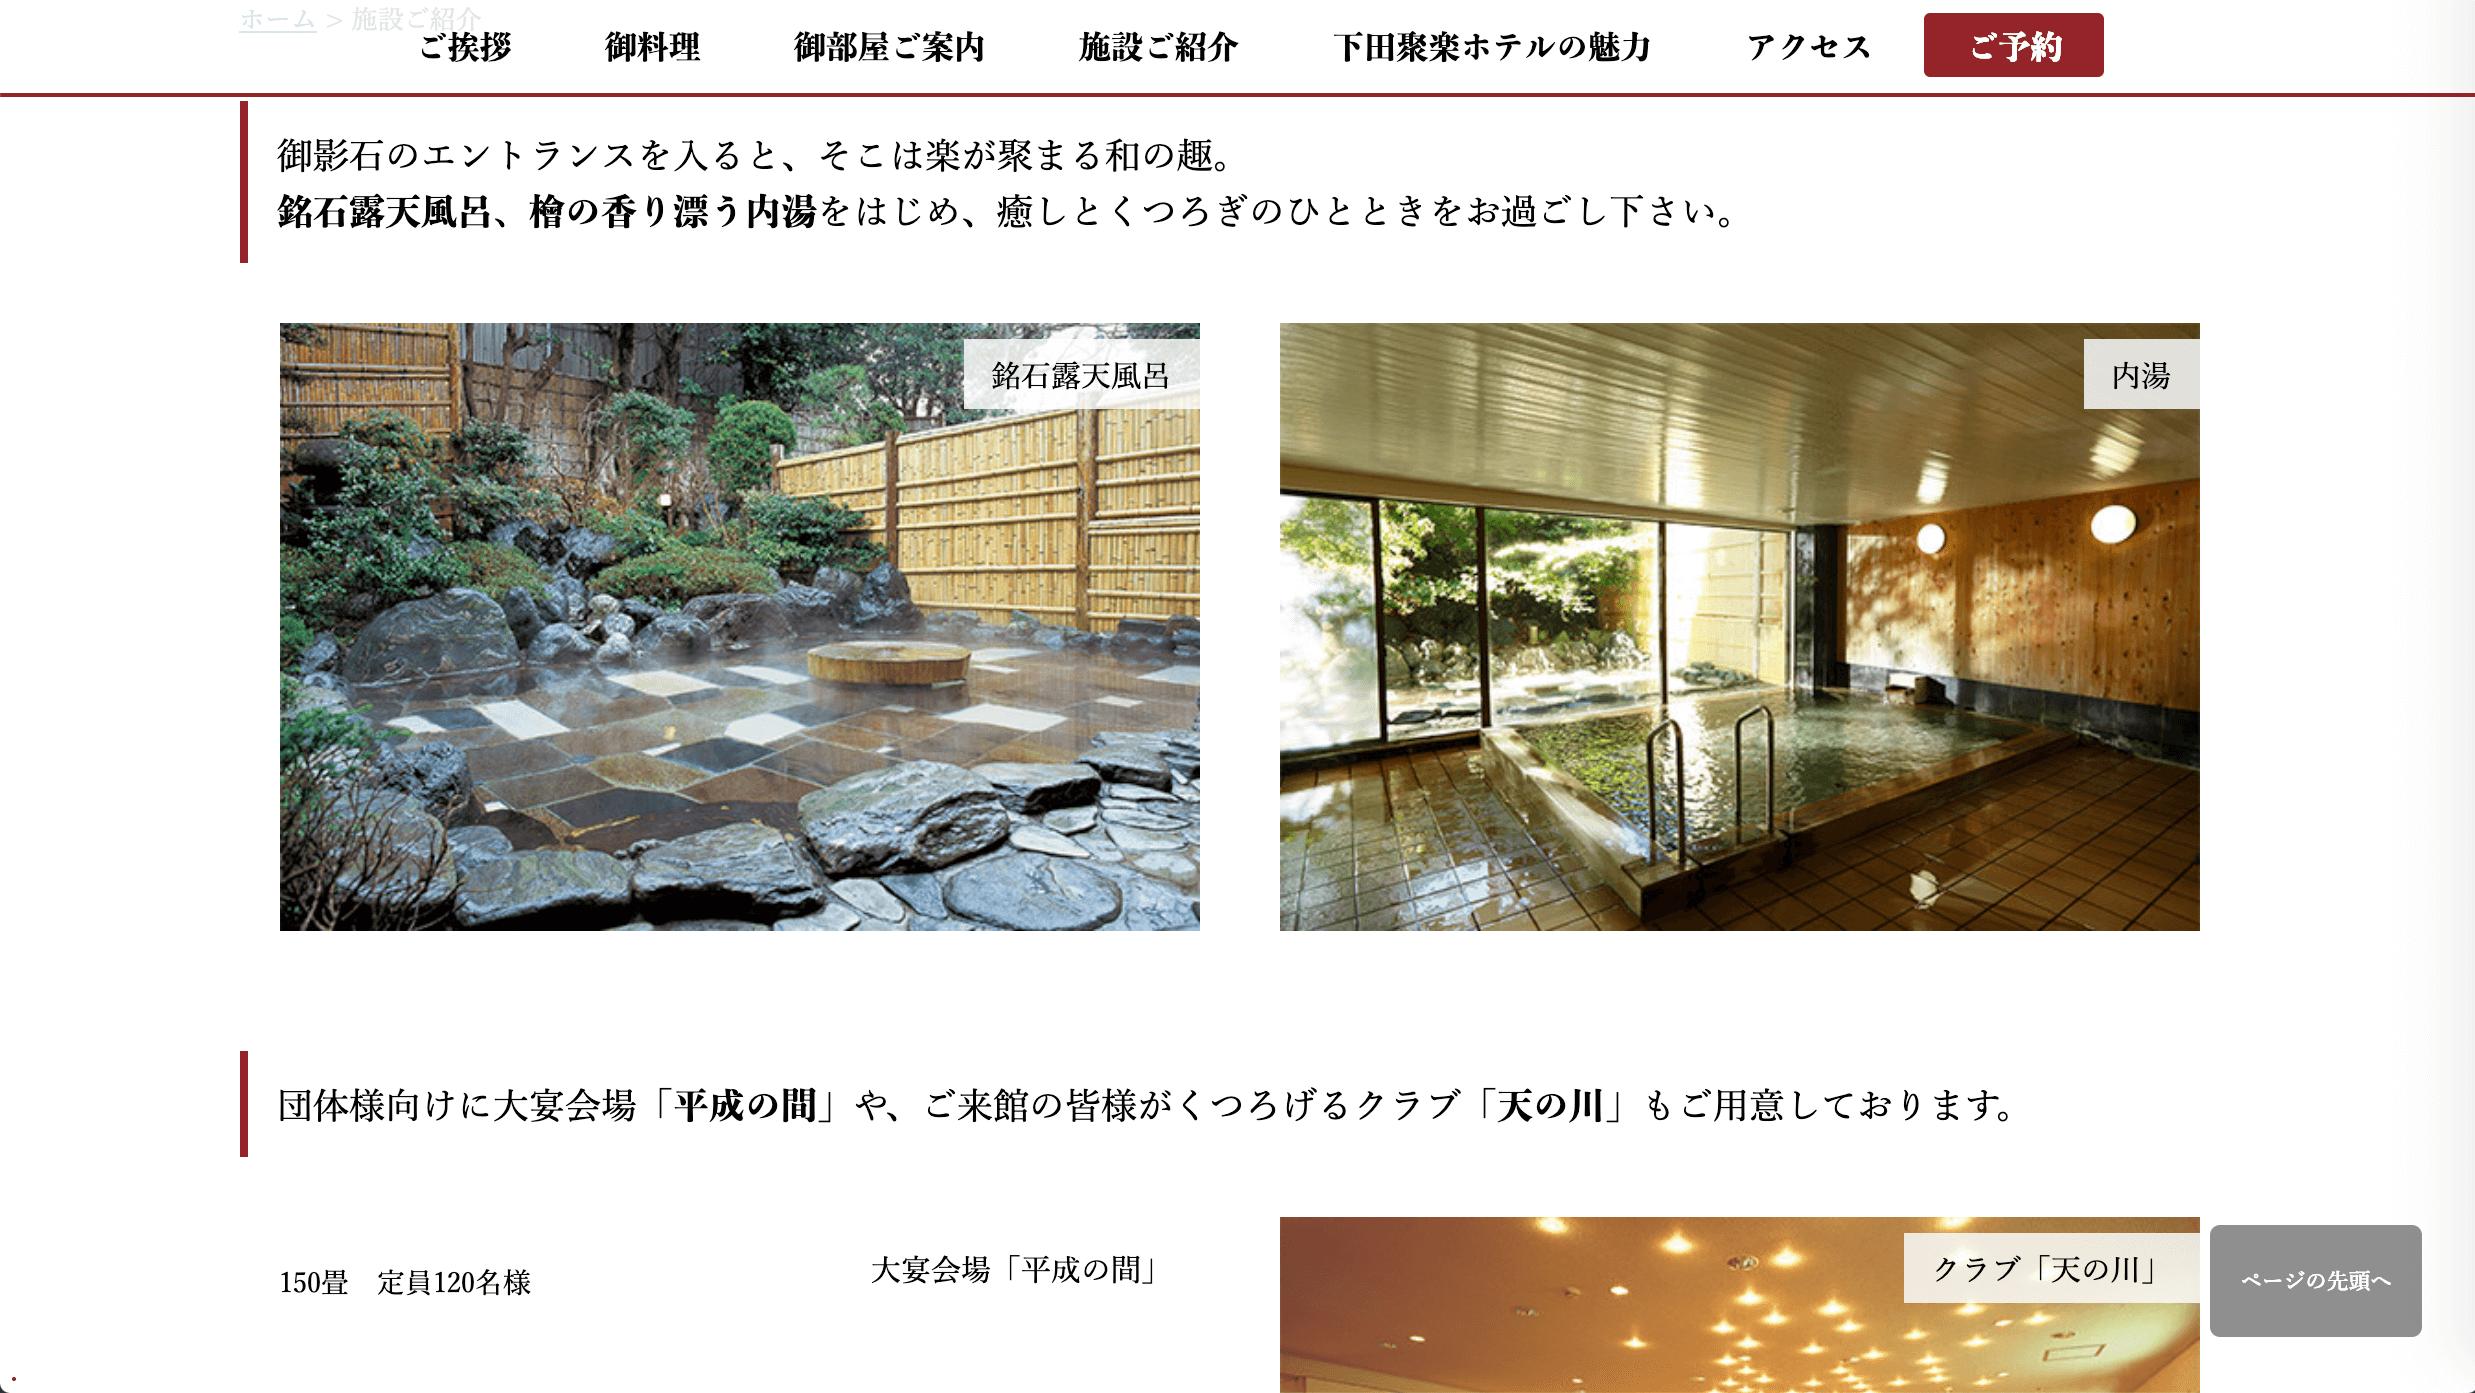 下田聚楽ホテルの温泉